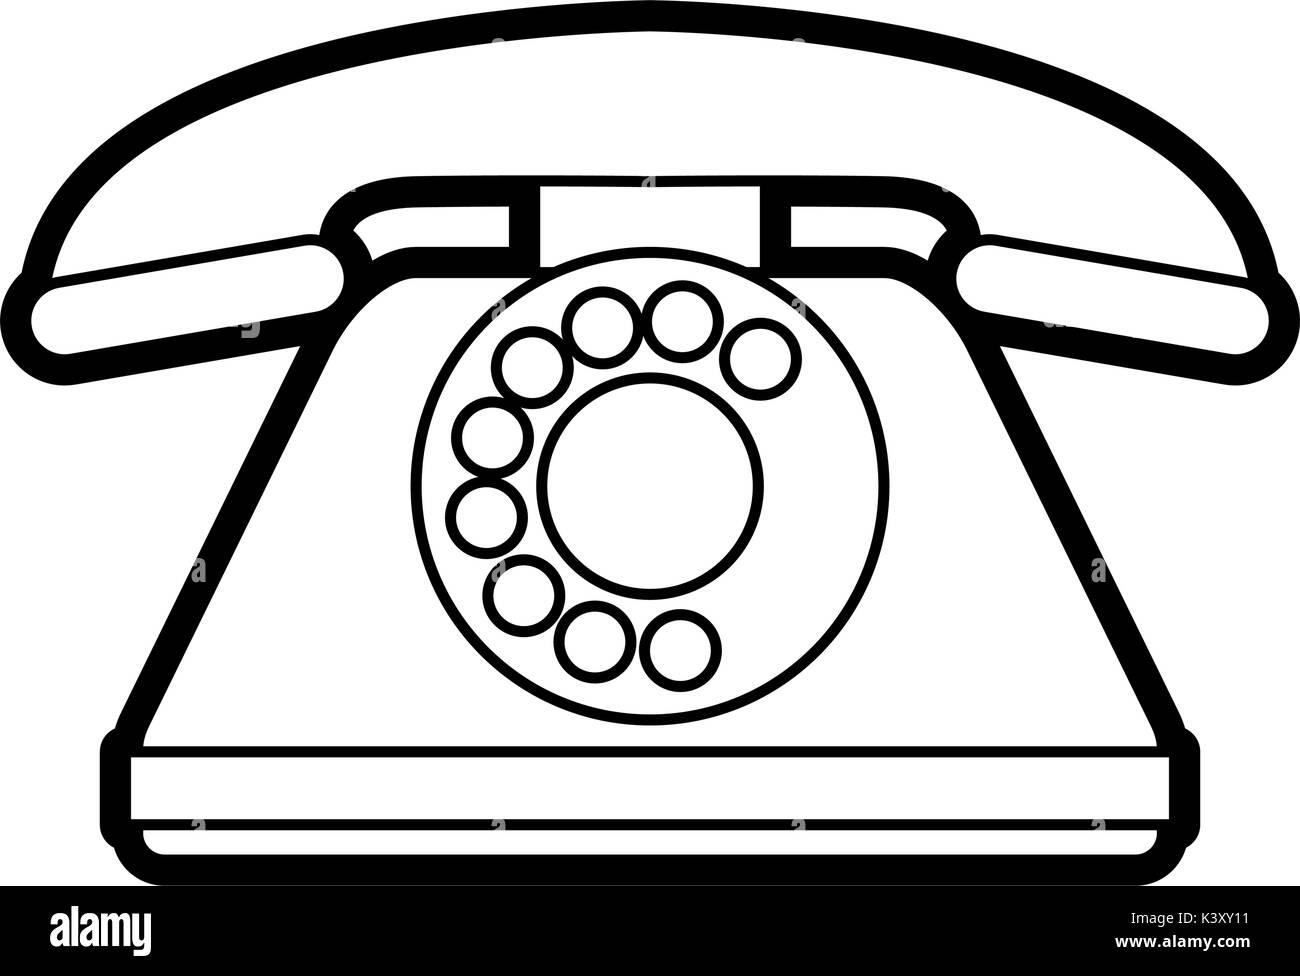 Isolato Retrò design del telefono Immagini Stock